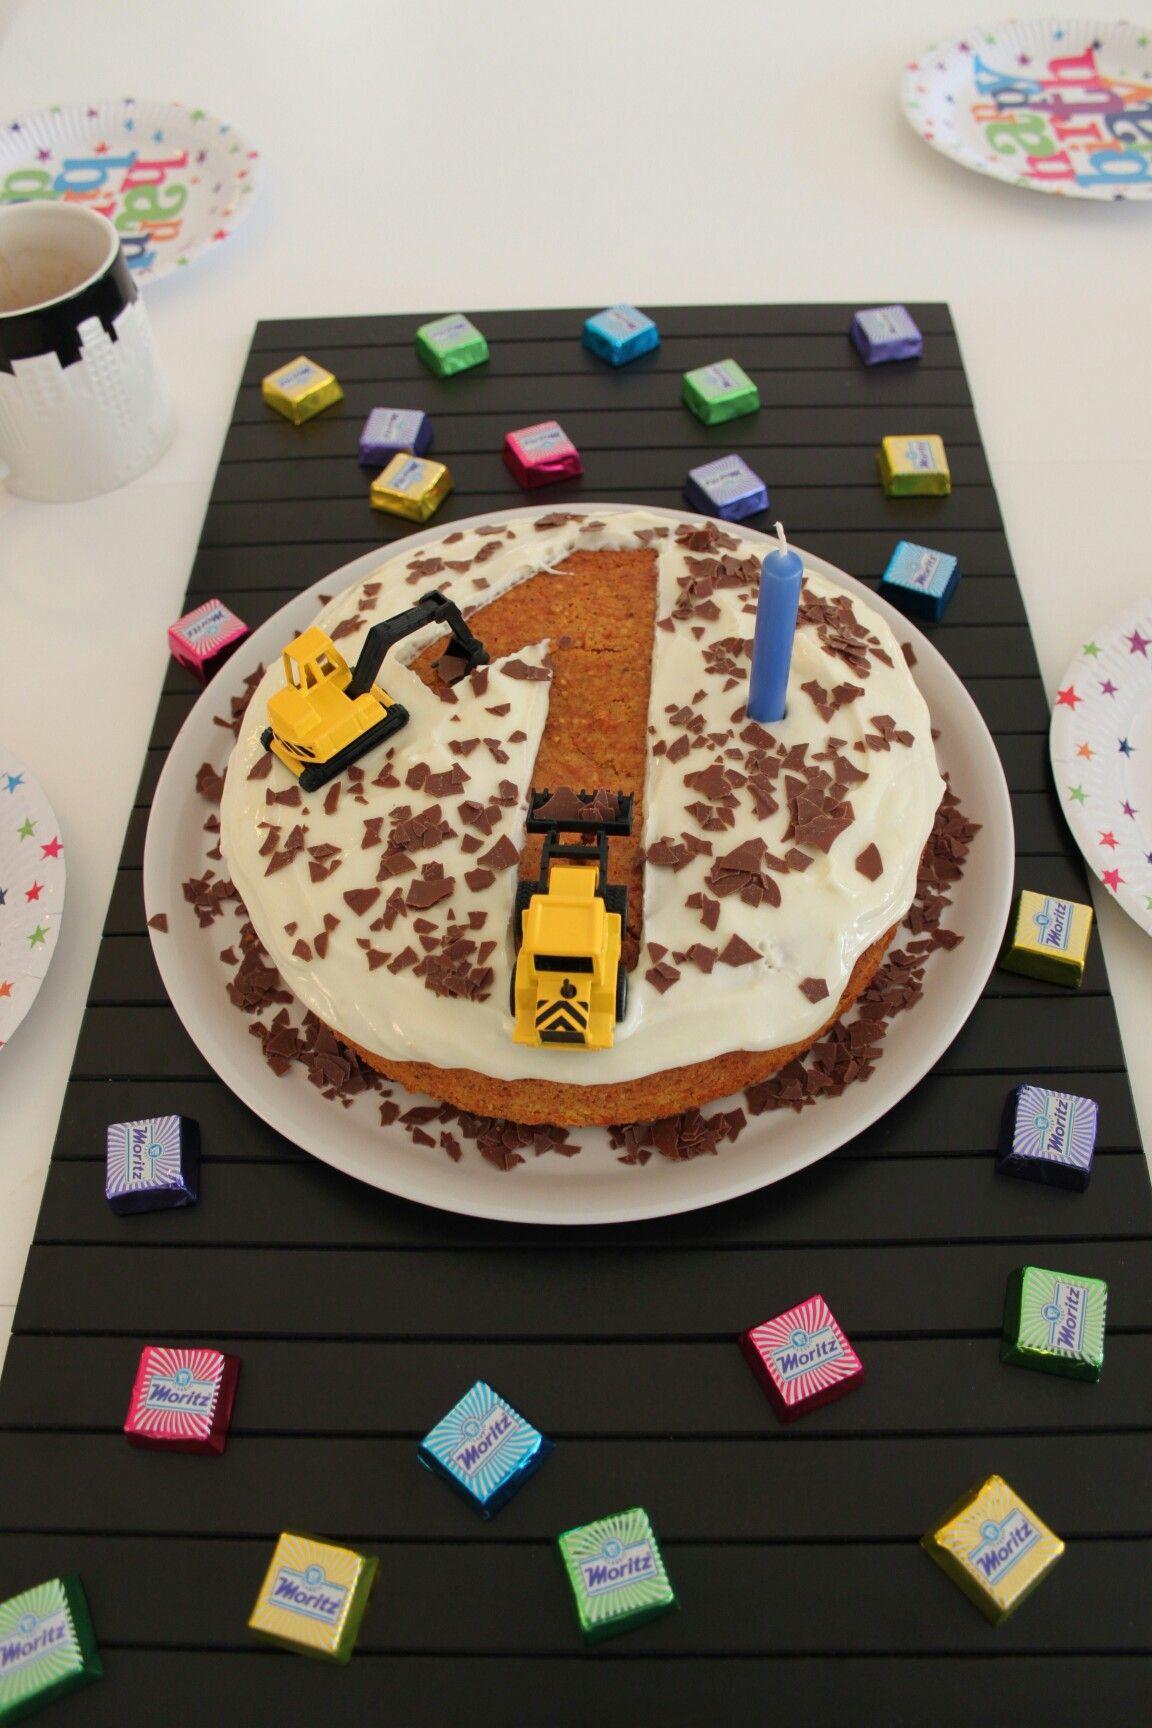 1 Geburtstag Kuchen Bagger Jungen Torte Kinder Kuchen Geburtstag Torte Kindergeburtstag Geburtstag Kuchen